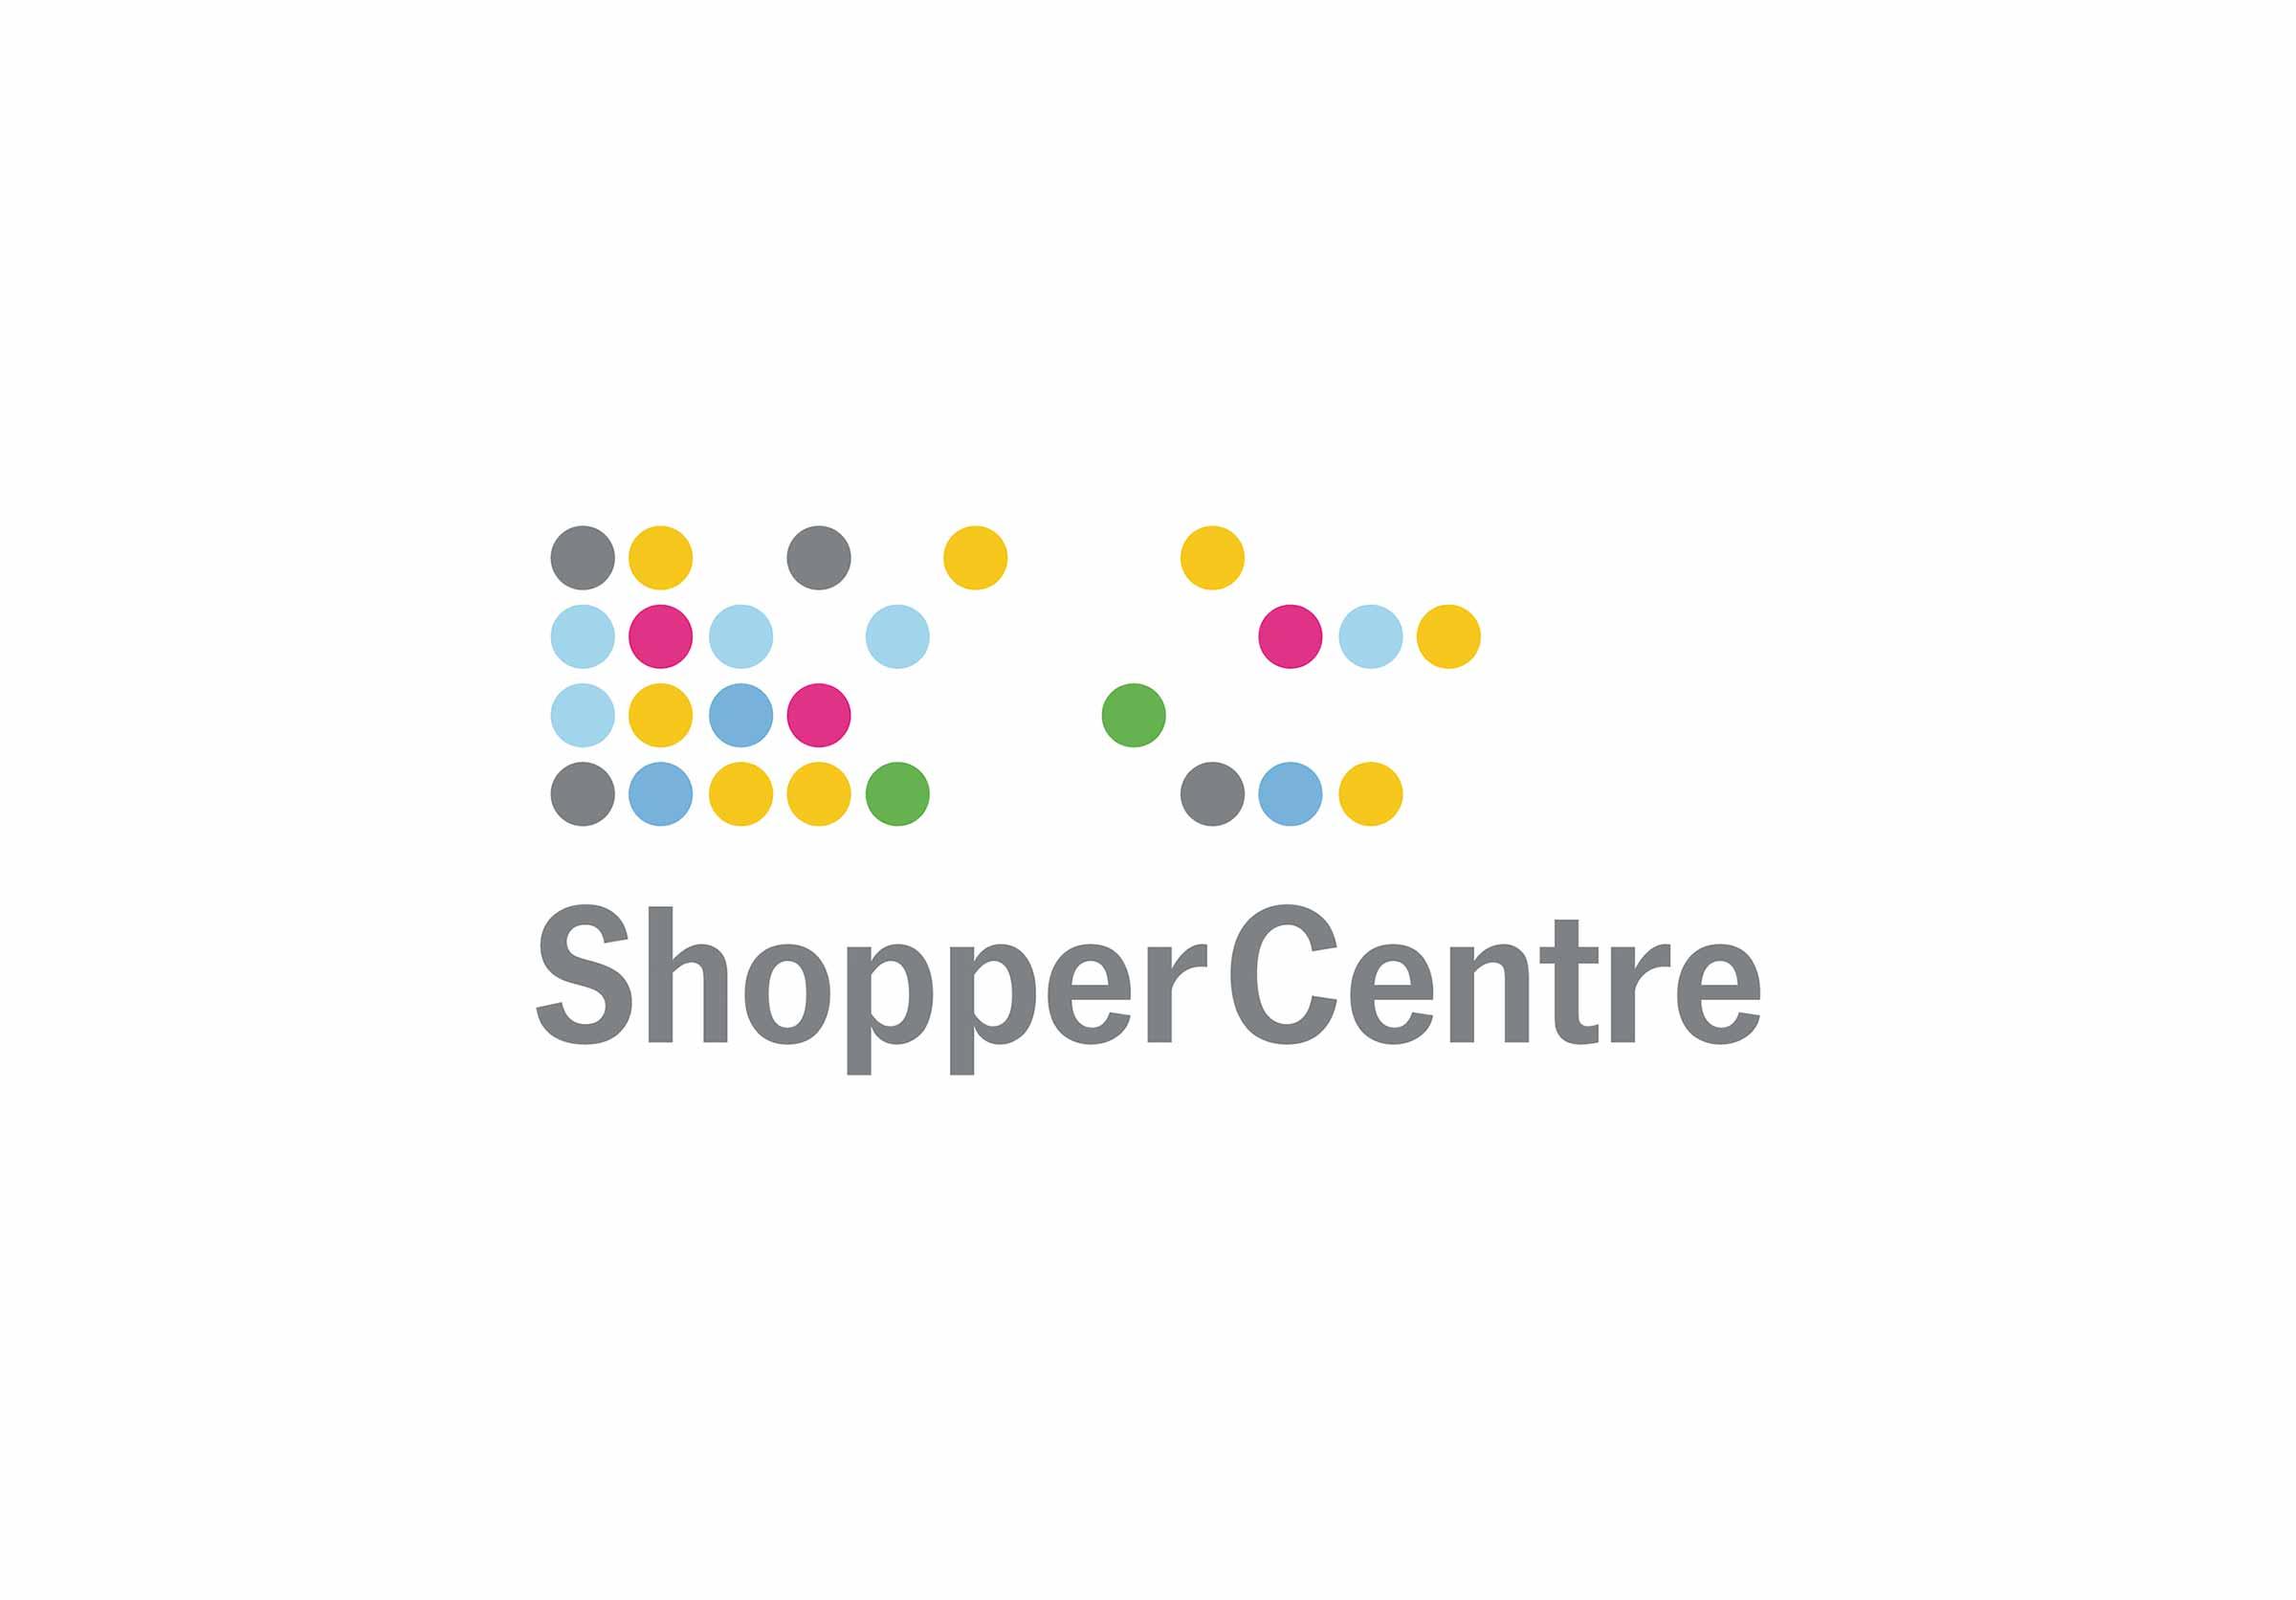 Shopper Centre brand identity